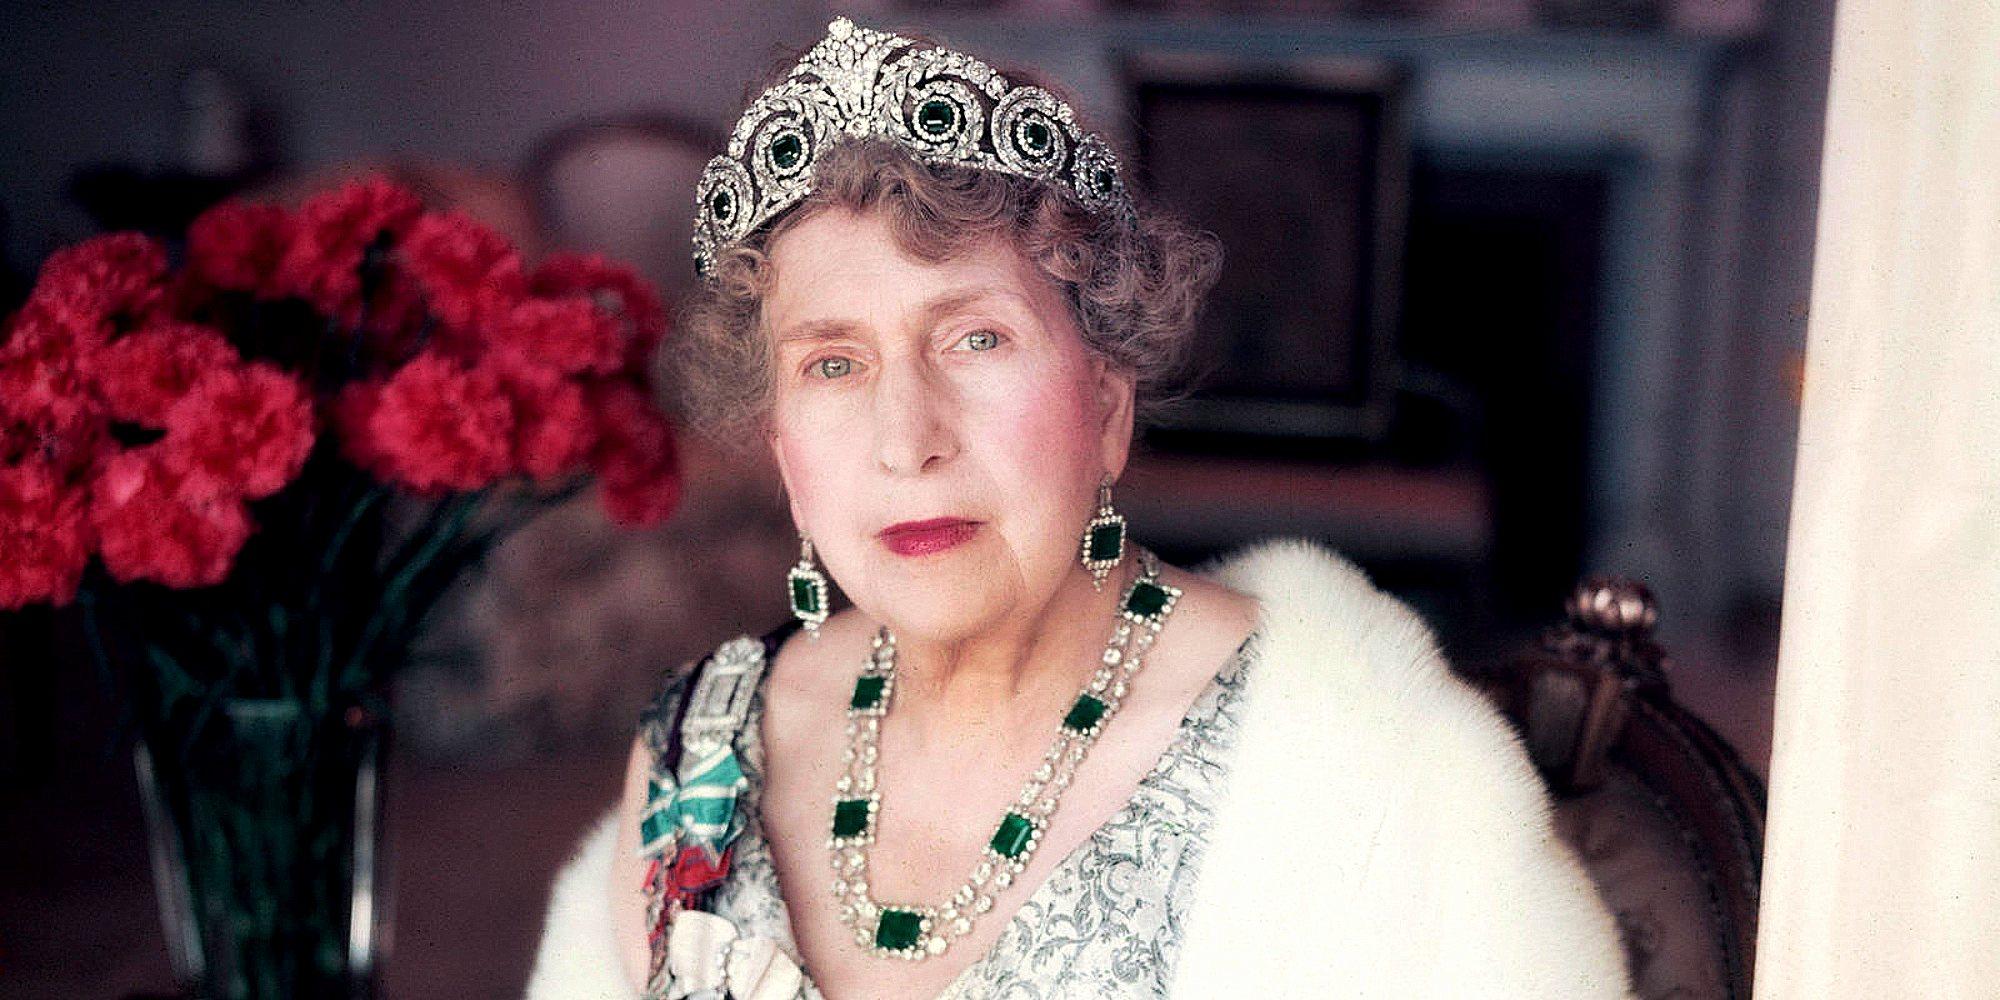 La Reina Victoria Eugenia, una vida de sinsabores: infidelidades, hijos enfermos y exilio